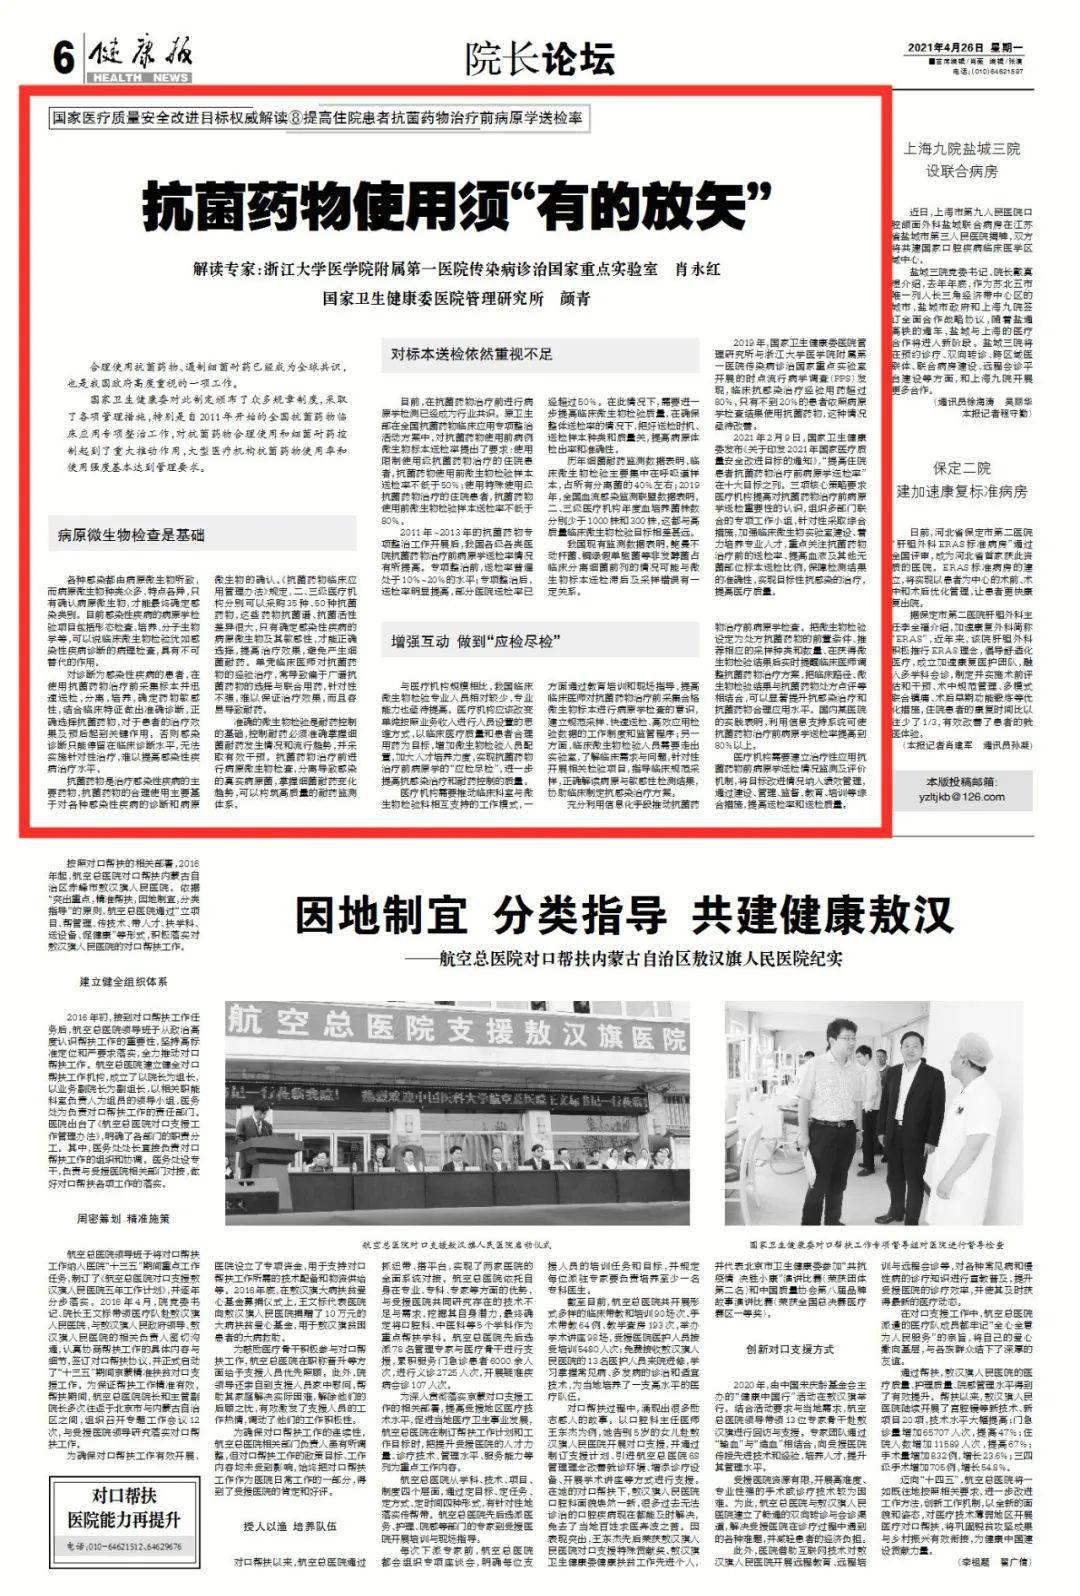 星辉娱乐招商-首页【1.1.2】